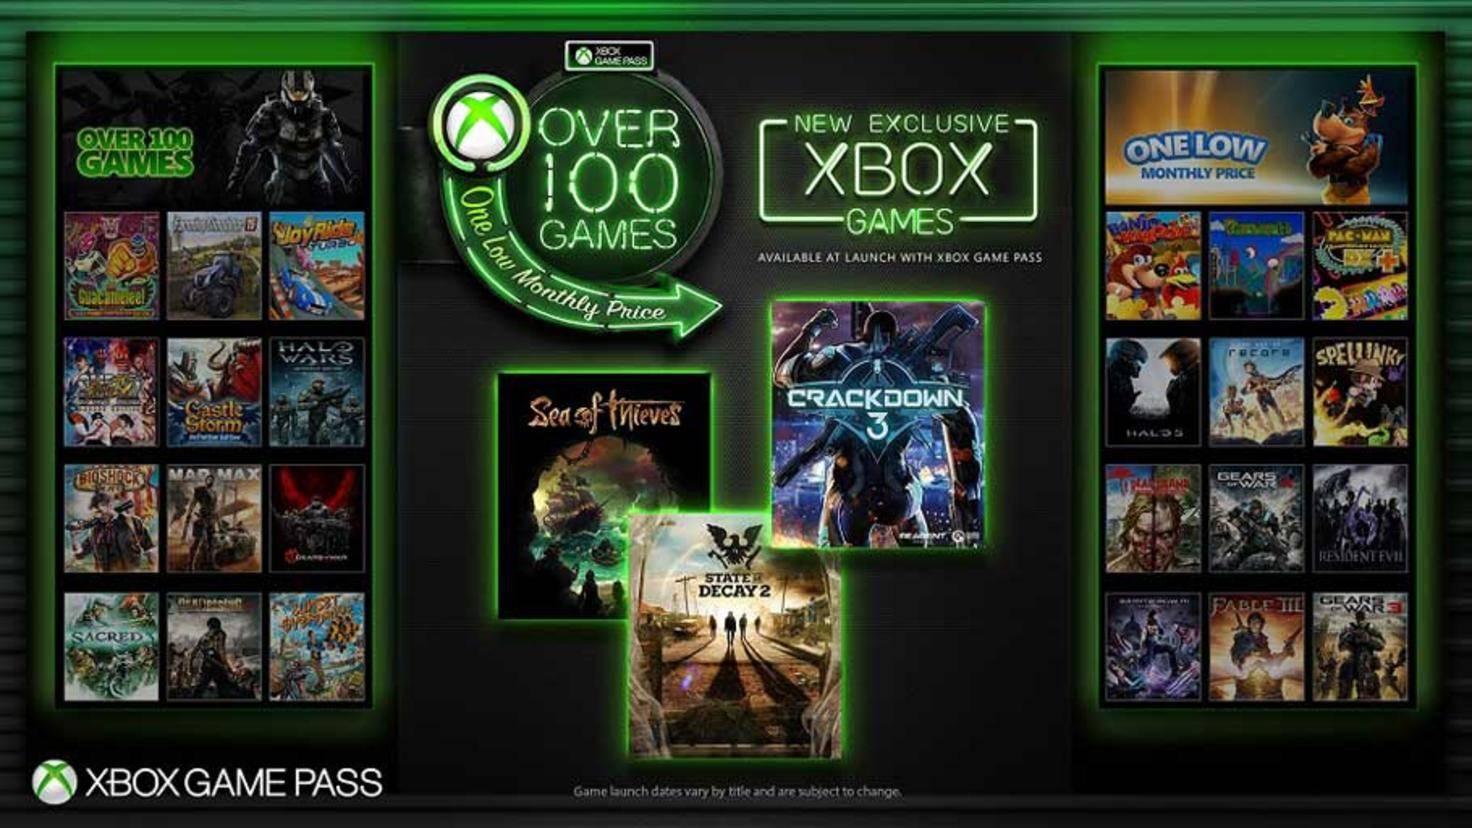 Guter Deal: Der Xbox Game Pass liefert Dir zahlreiche Spiele frei Haus.